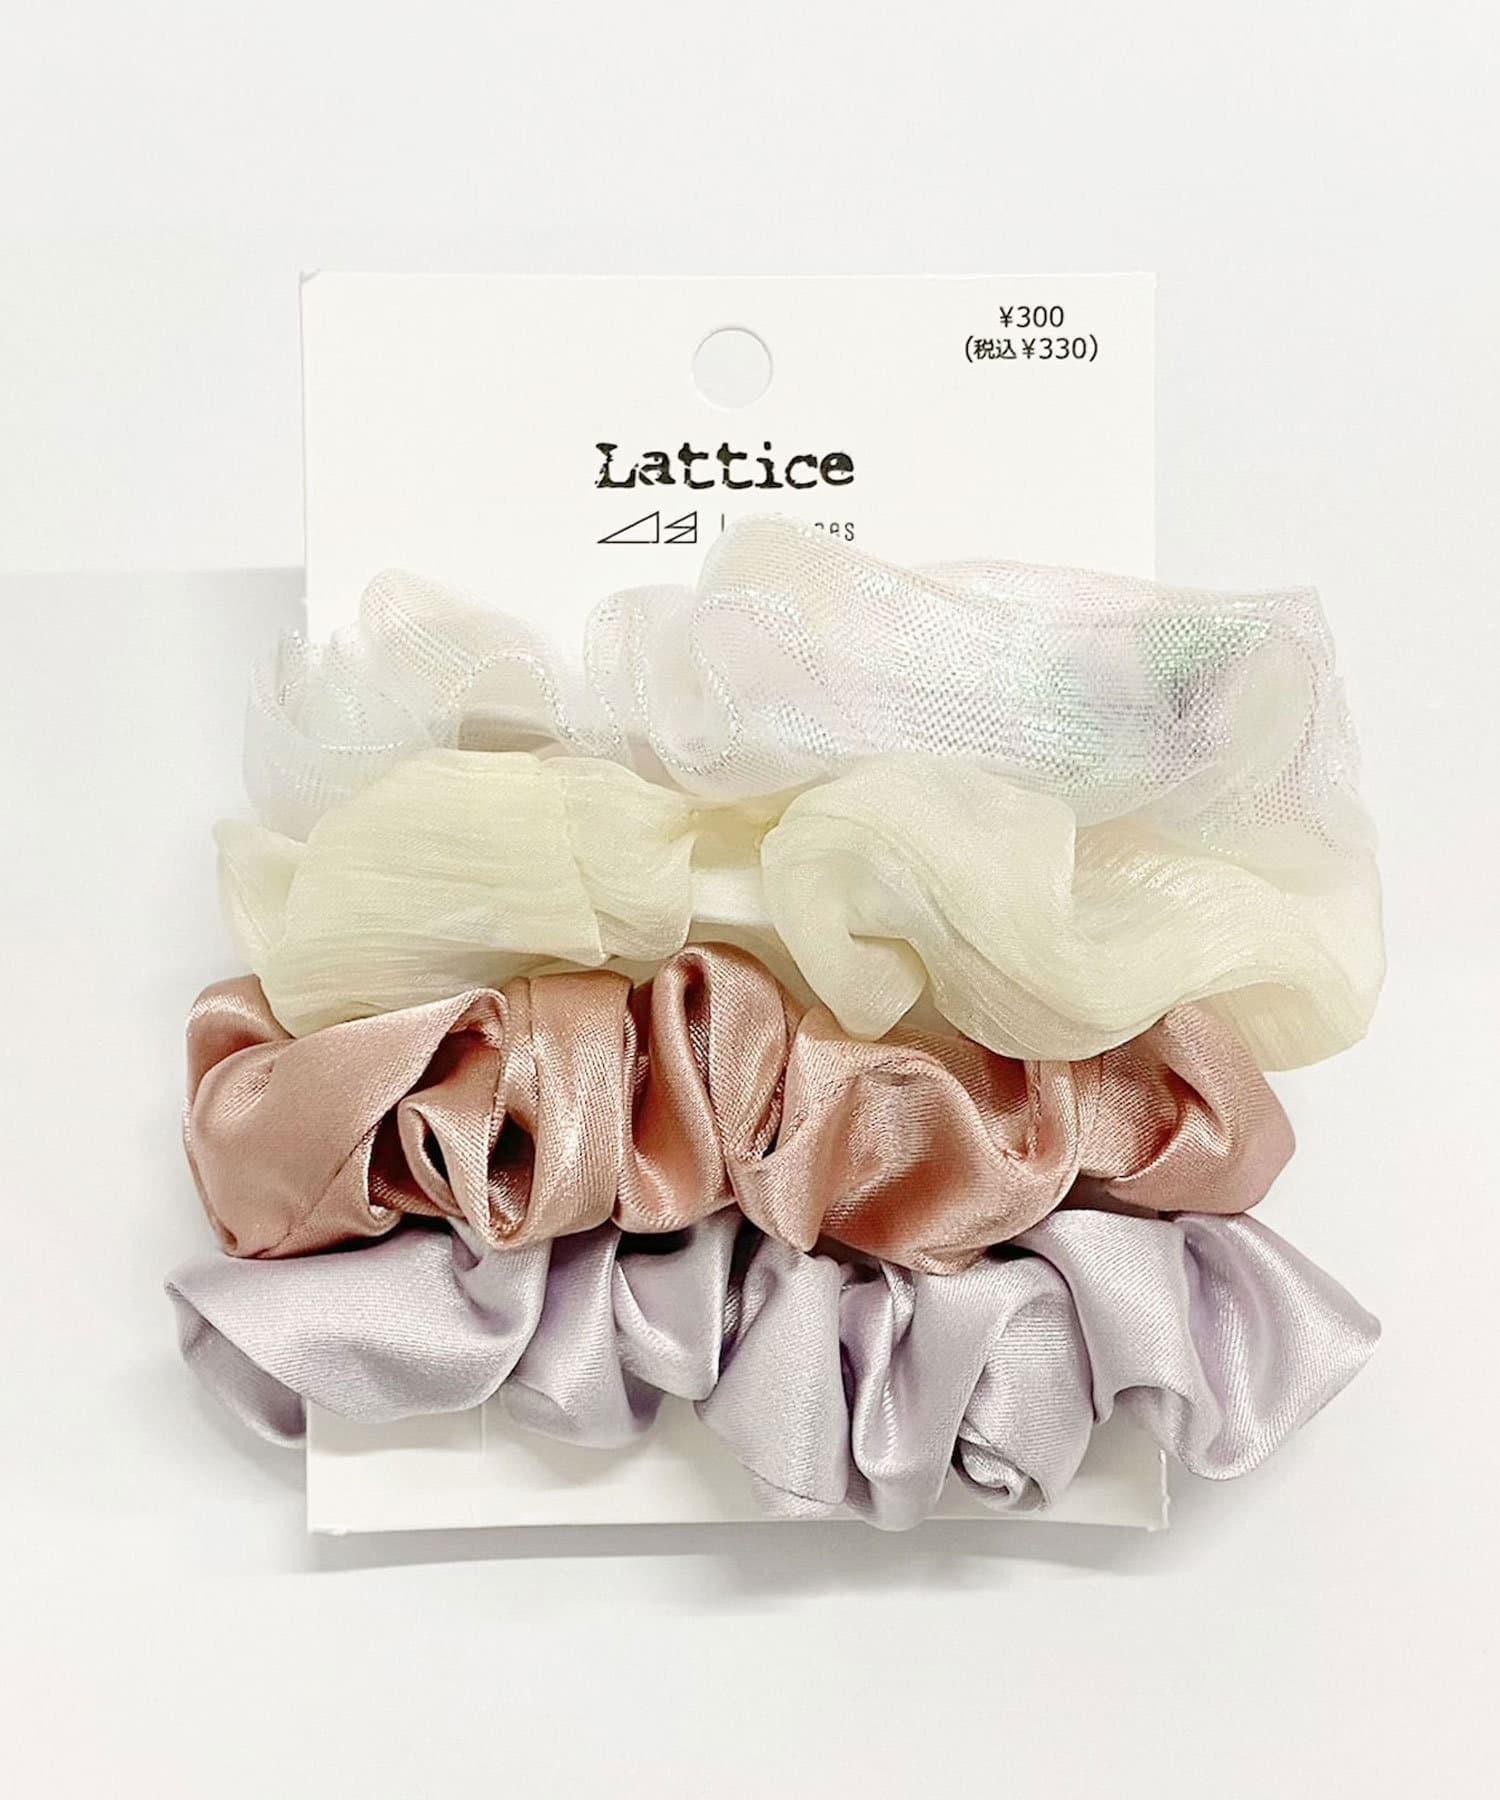 Lattice(ラティス) レディース オーロラSETシュシュ パープル